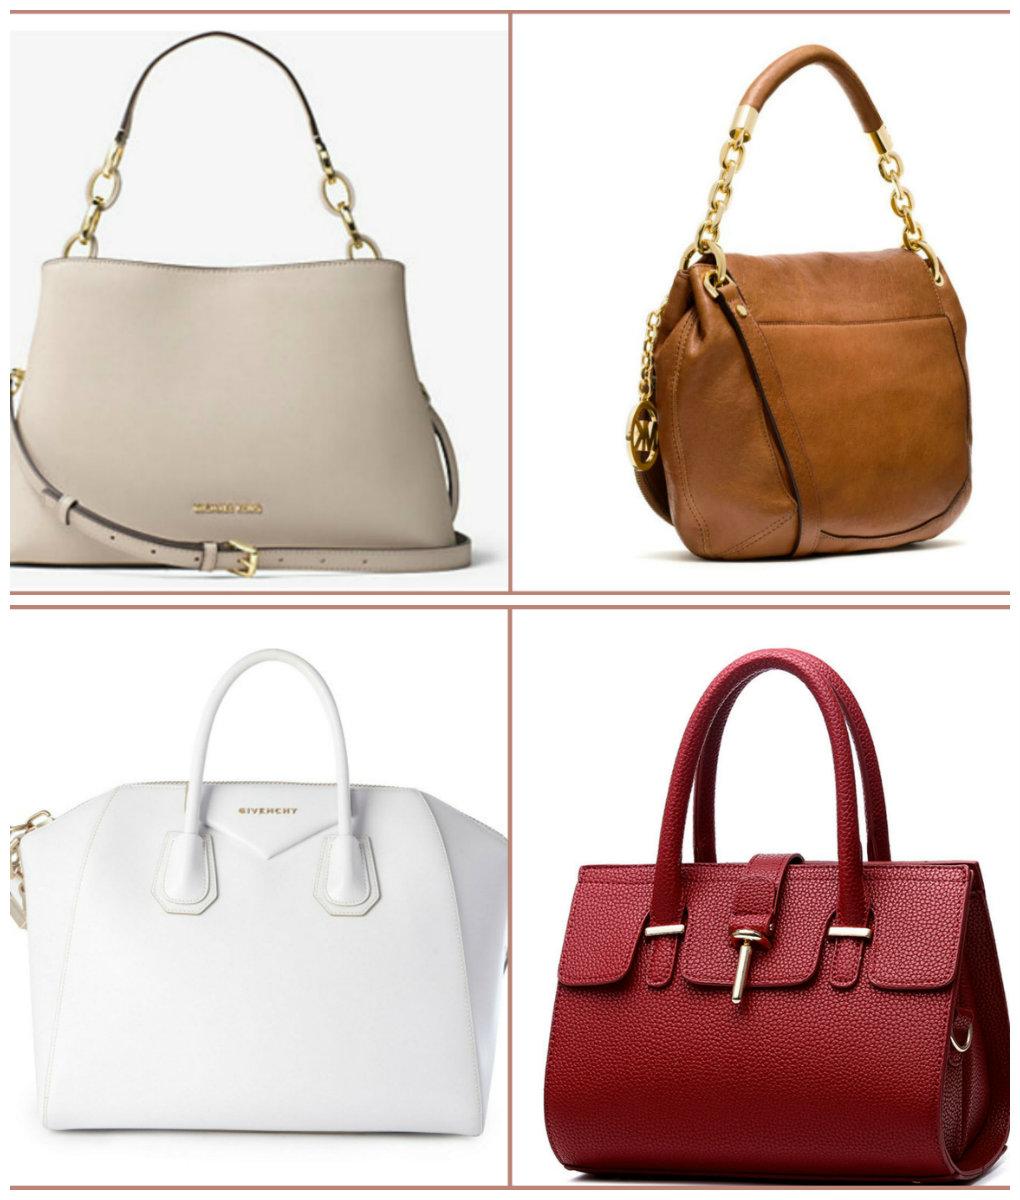 e55b52f4f32d Модные сумки женские 2017. Модные женские сумки 2018: фото, тренды ...